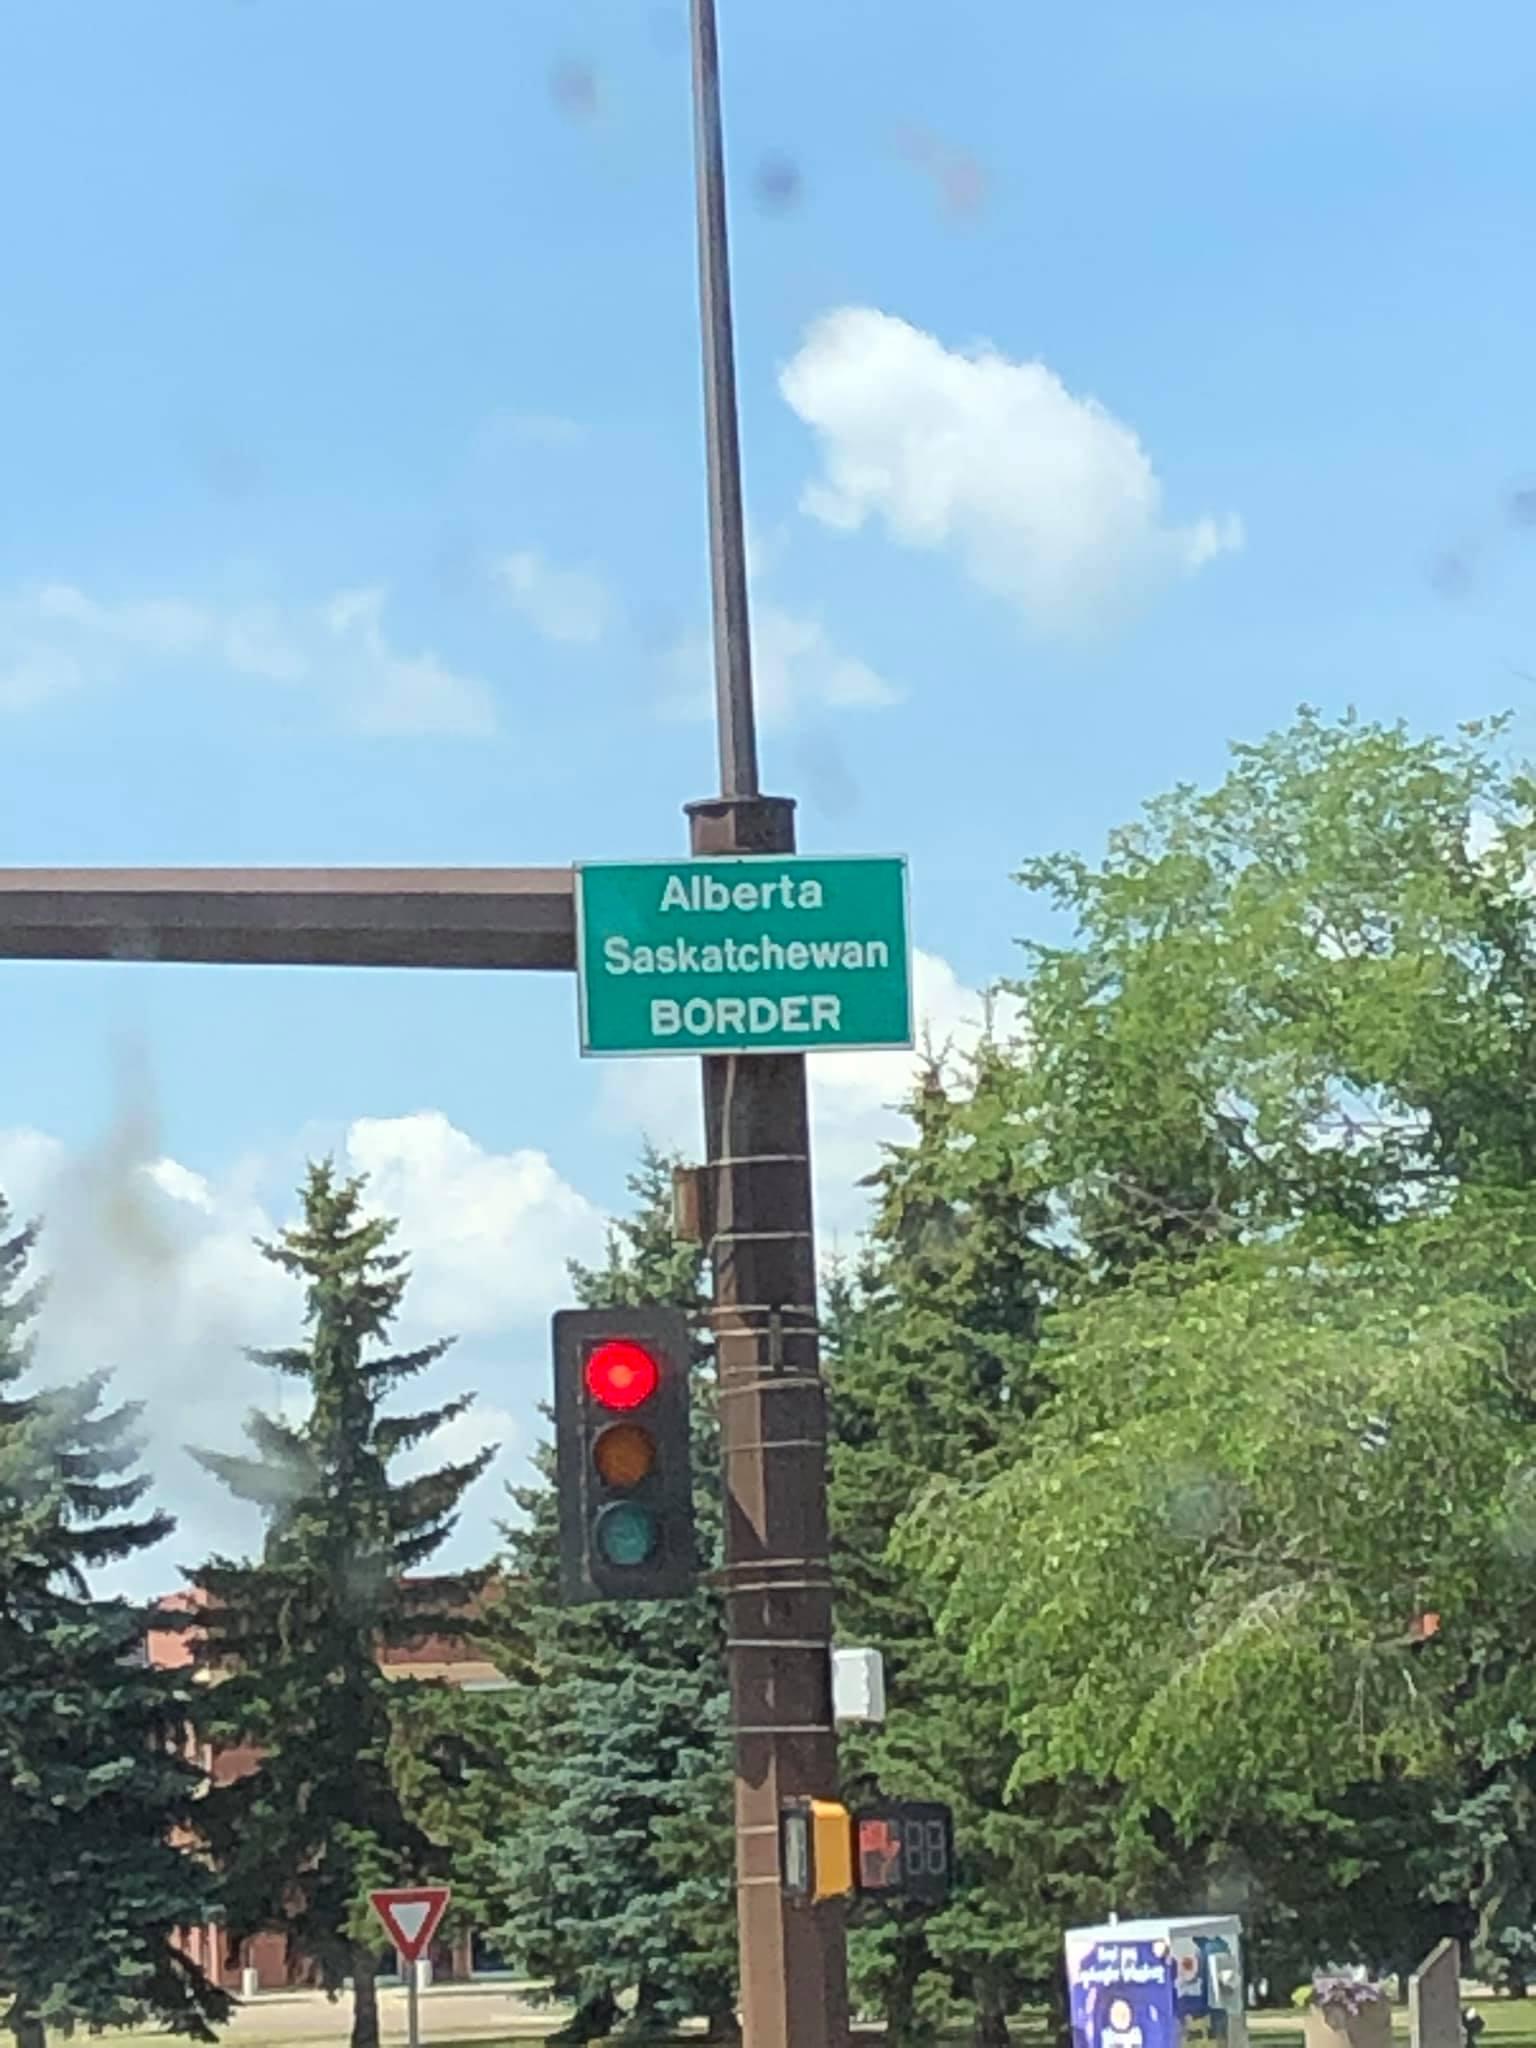 Ritje-naar-Edmonton-dan-Toronto-en-twee-ritten-naar-New-York-17-7-2021-(14)